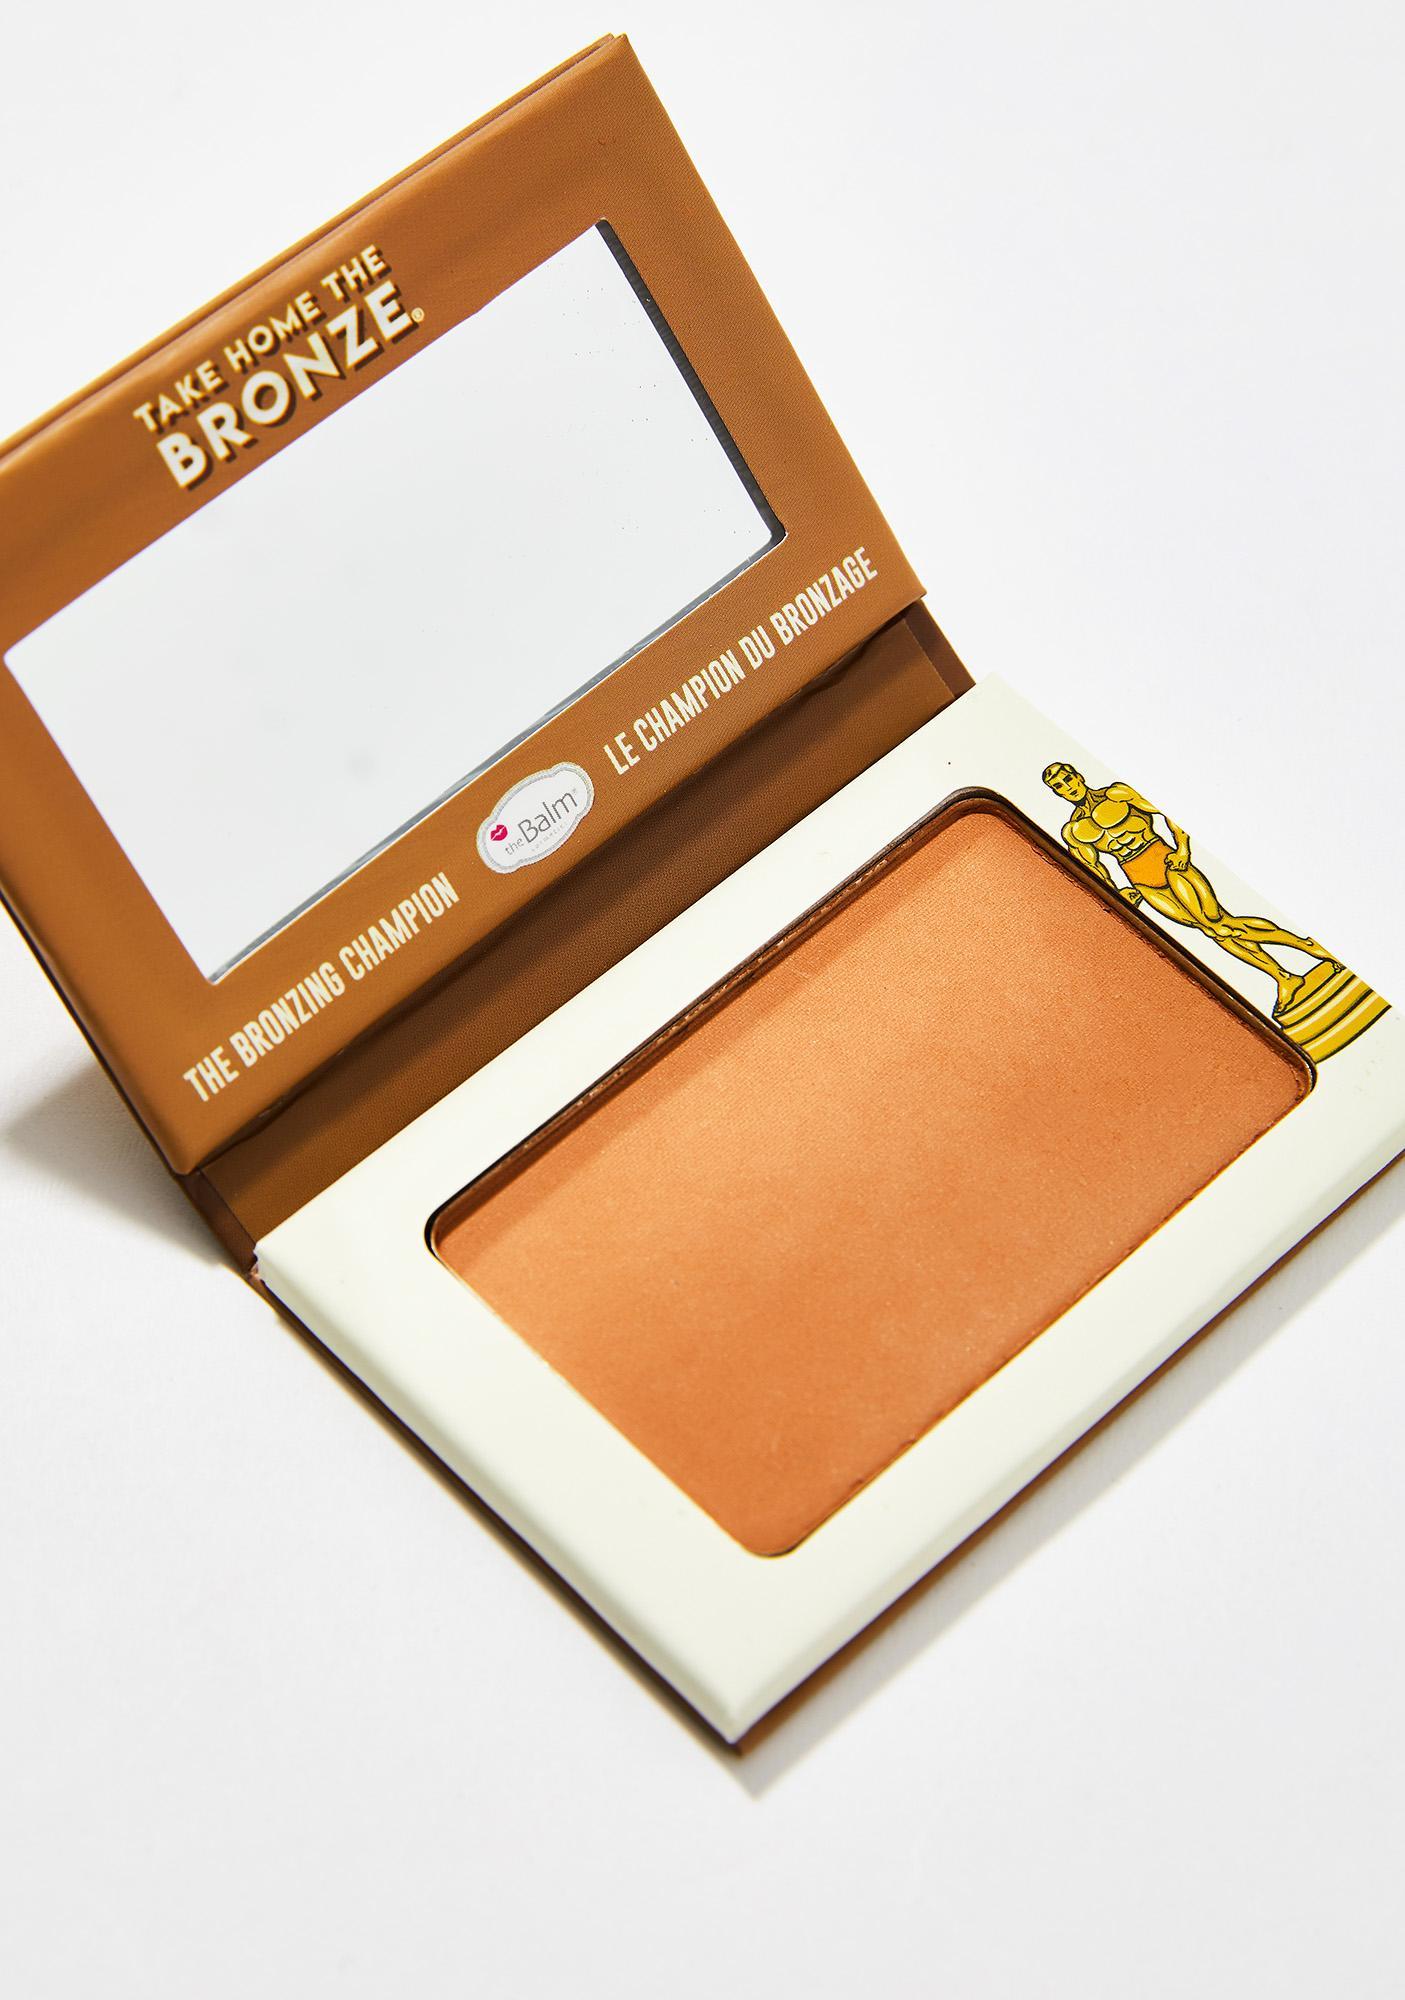 The Balm Thomas Take Home The Bronze Anti-Orange Bronzer